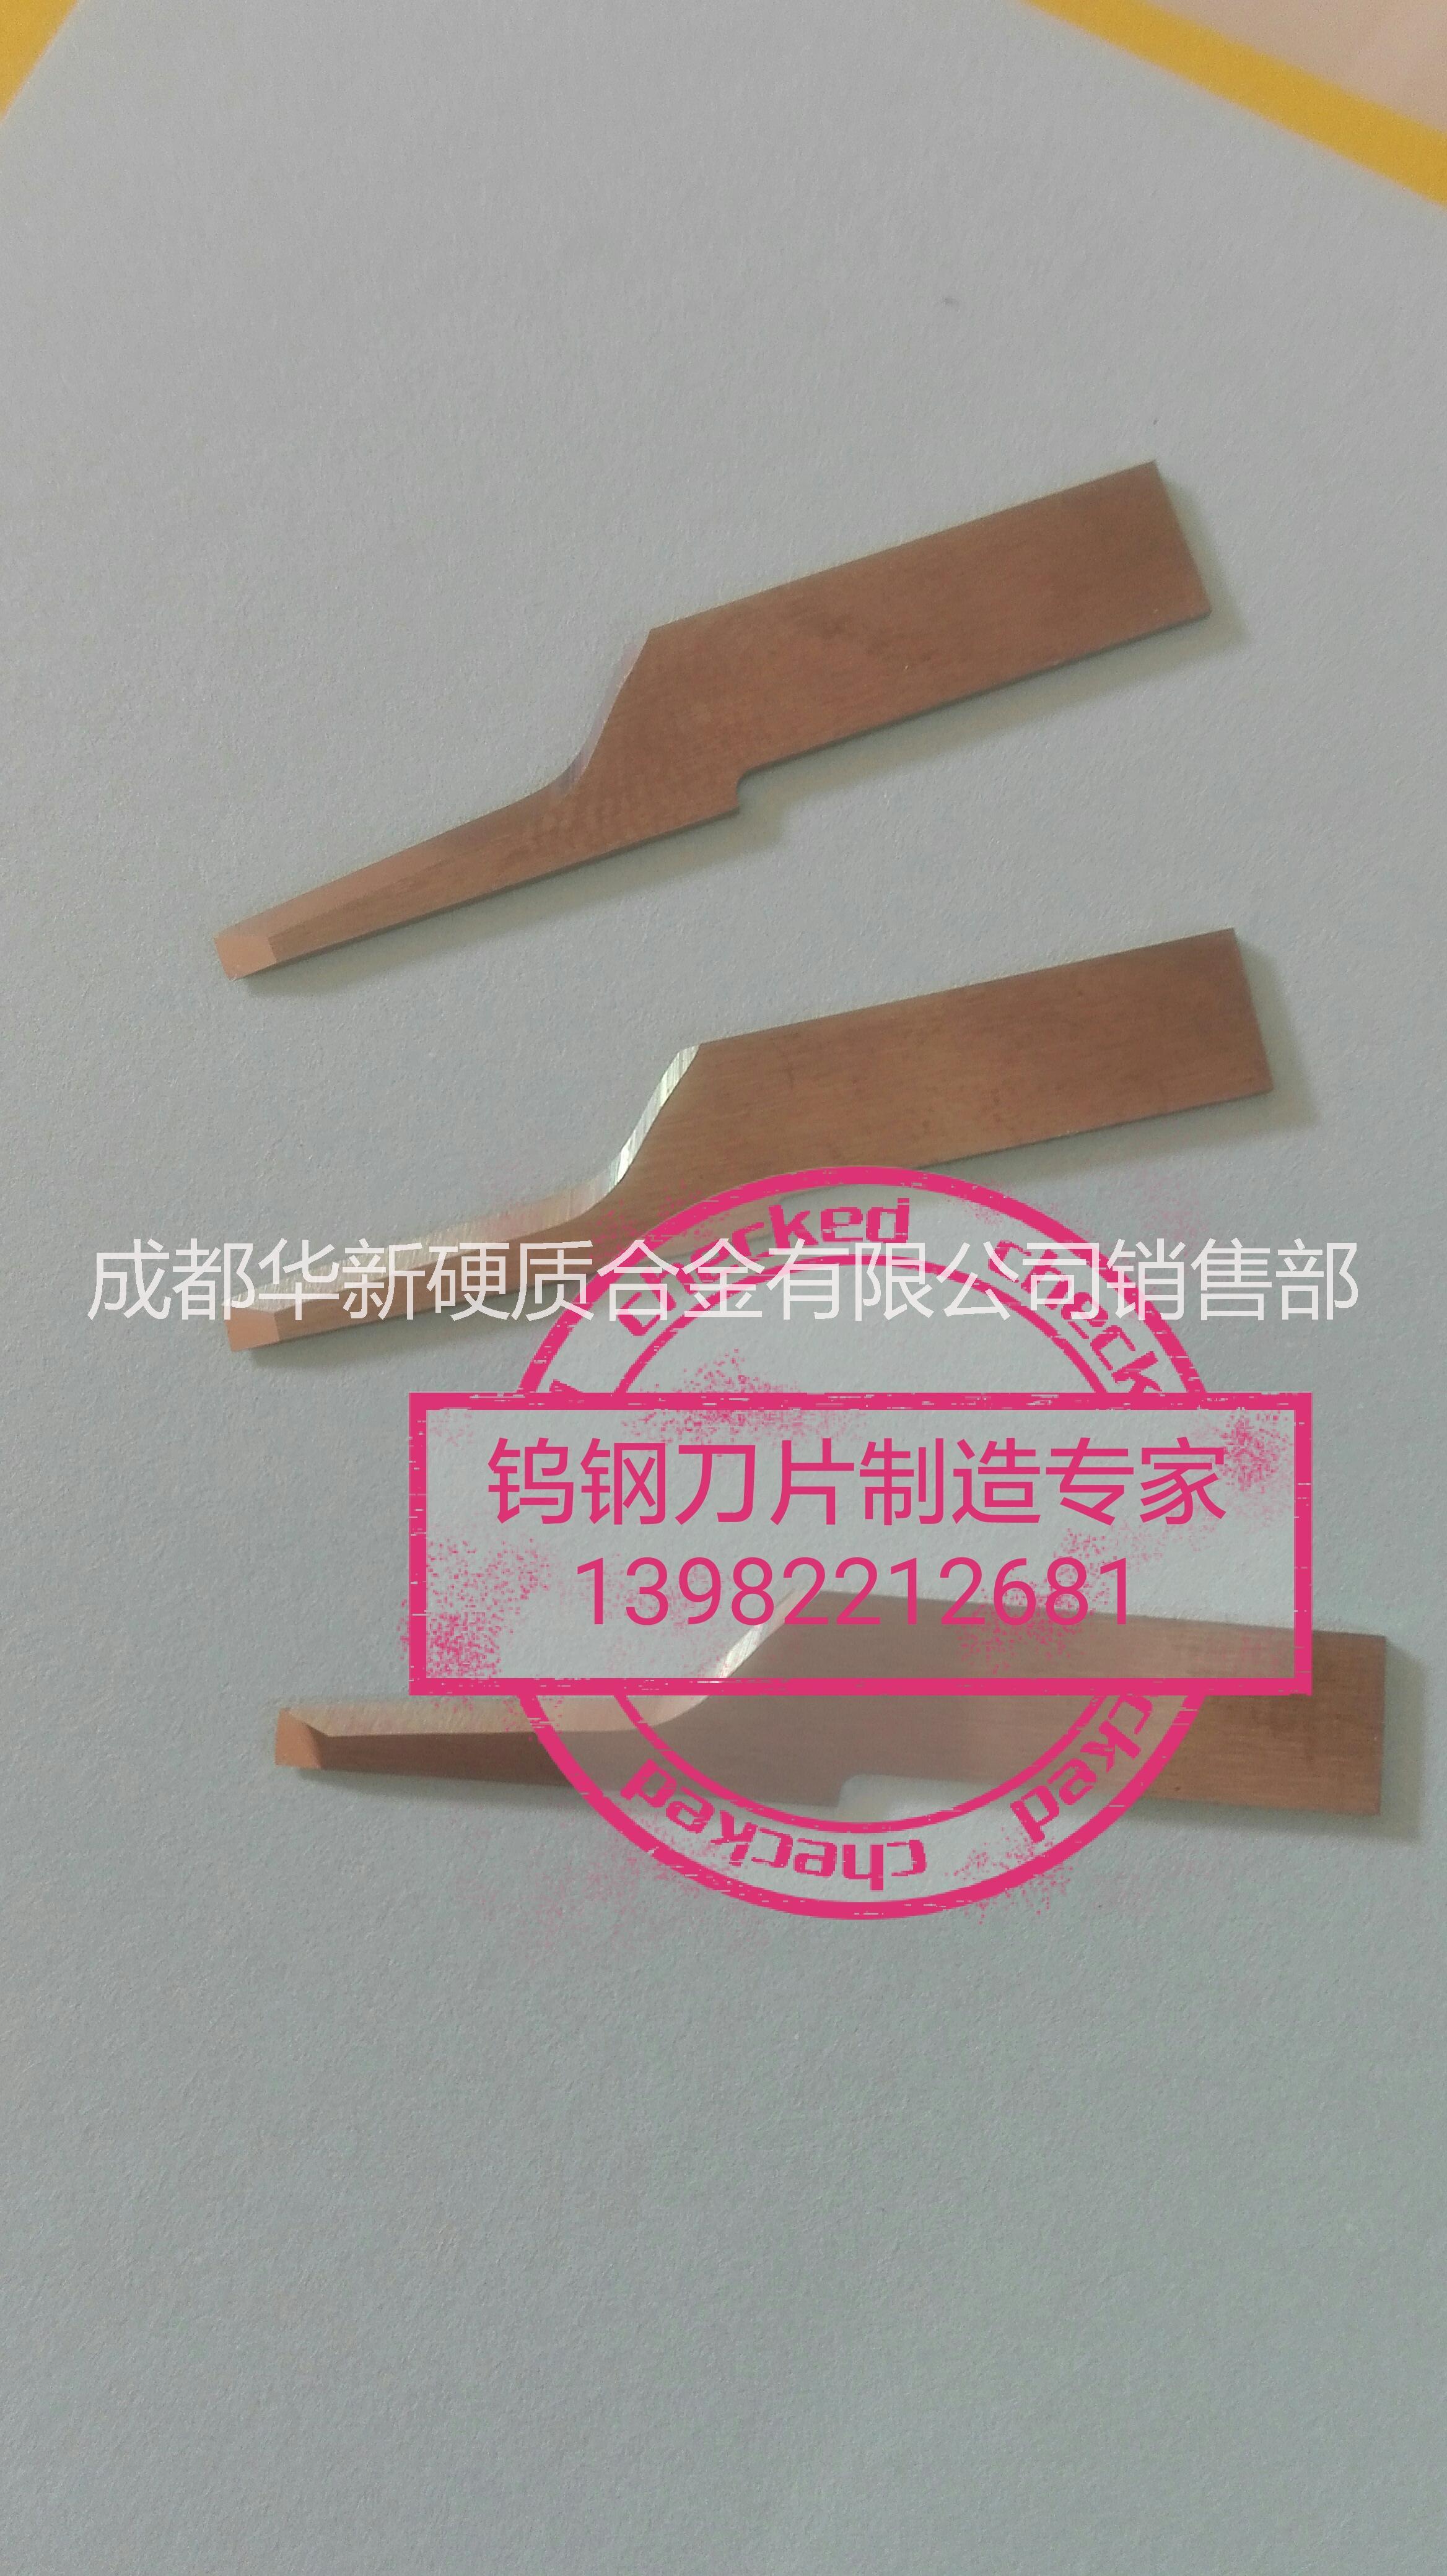 爱科E46C脚垫广告雕刻切割刀批发 爱科切割刀价格 雕刻刀片厂家 奥科刀片  瑞州刀片